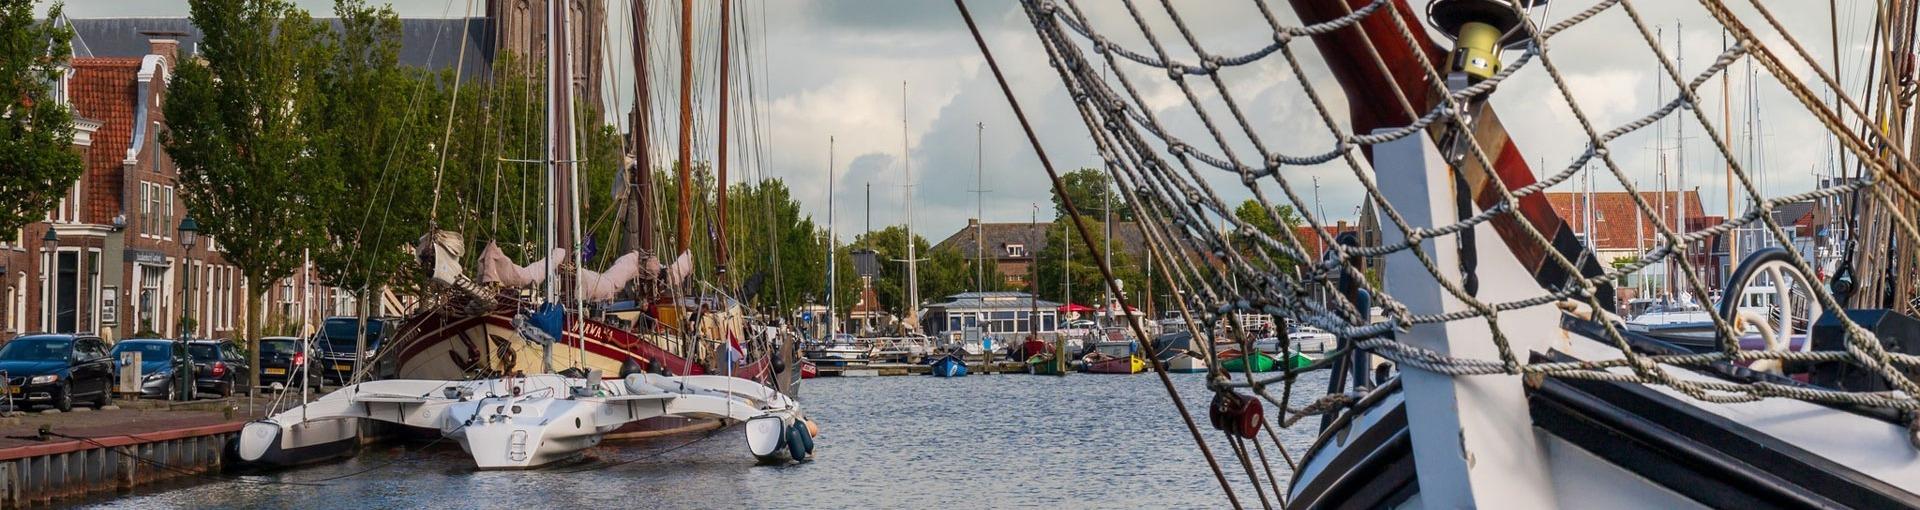 De haven van Harlingen met boten die in het water liggen